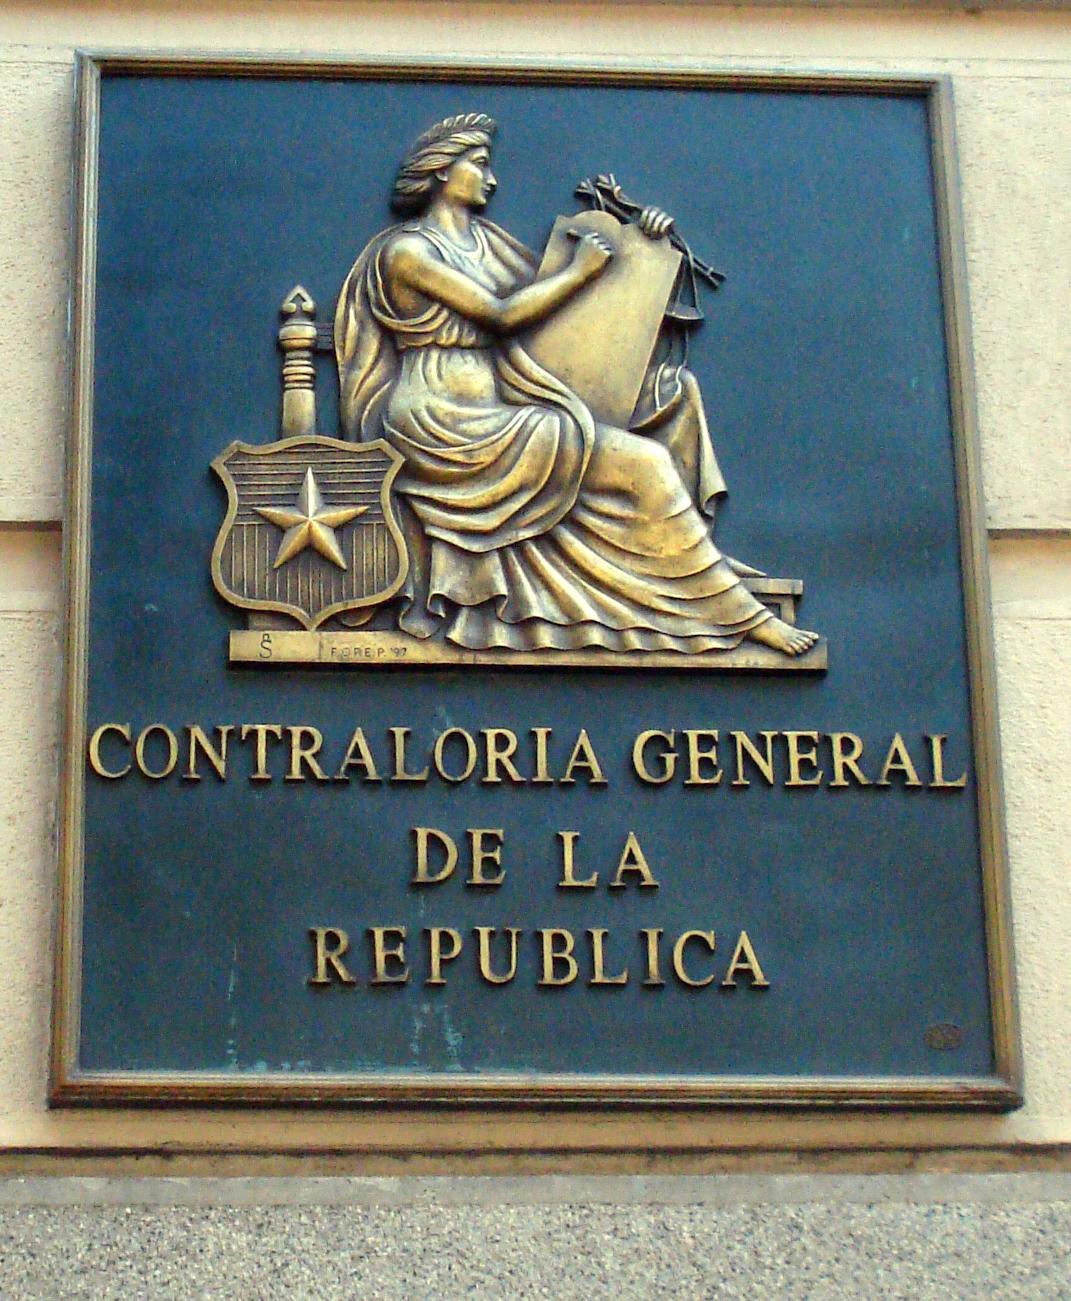 Contraloría_General_de_la_República_de_Chile